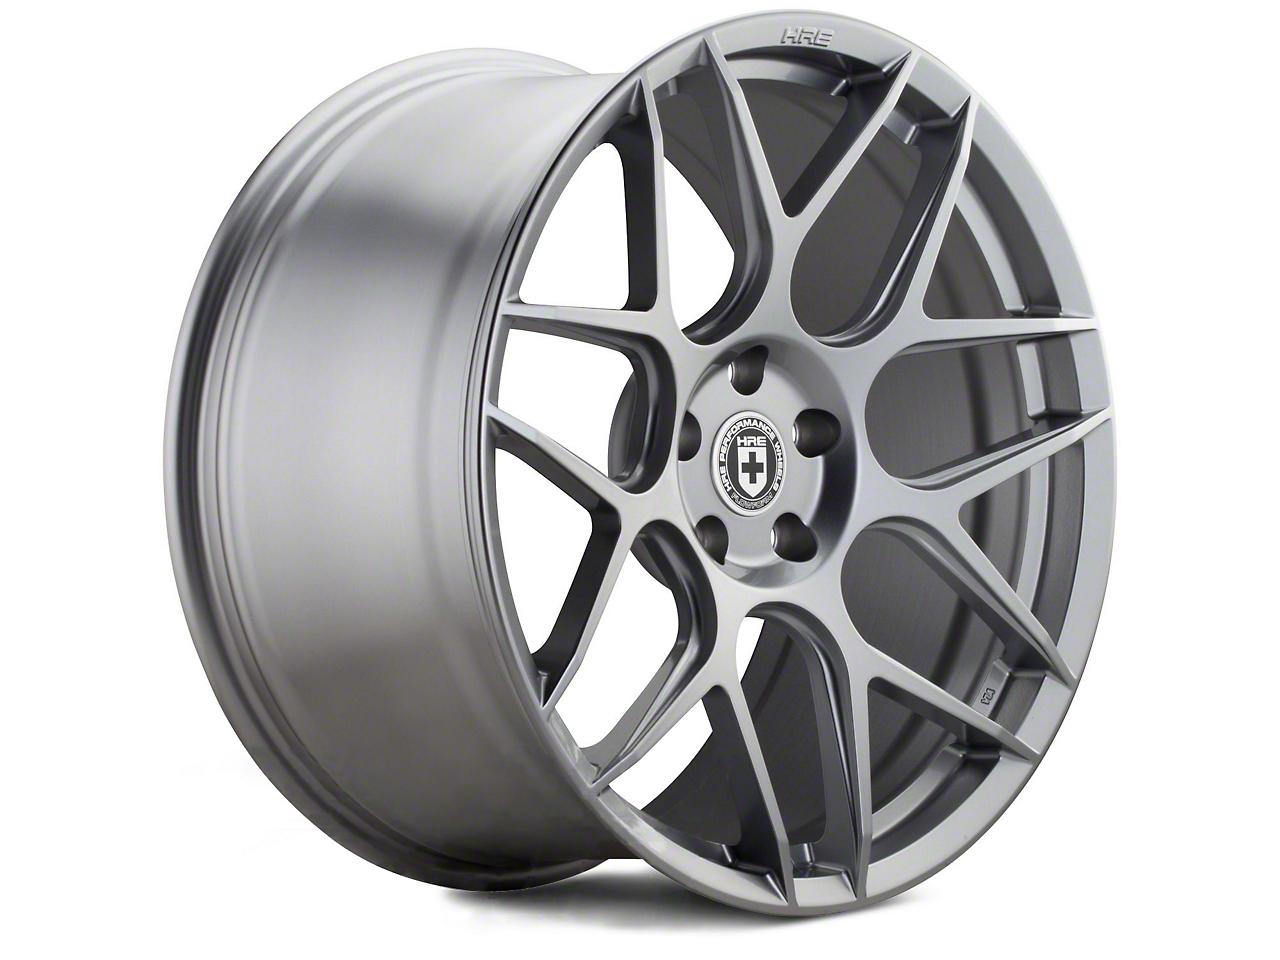 HRE Flowform FF01 Liquid Silver Wheel - 20x9.5 (05-14 All)